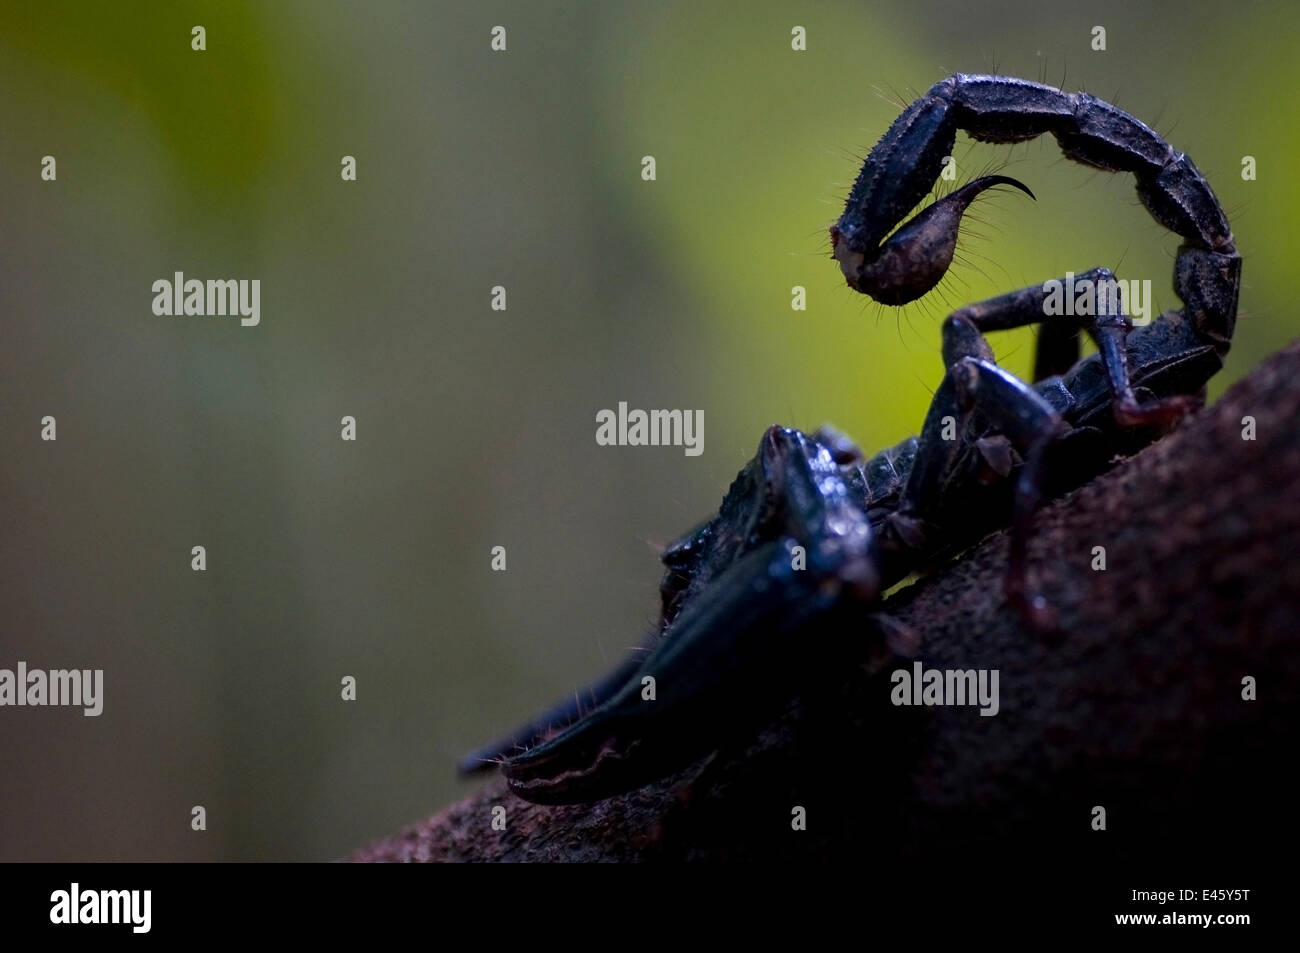 Asian giant forest scorpion (Heterometrus longimanus) with tail raised, Sarawak, Borneo, Malaysia - Stock Image